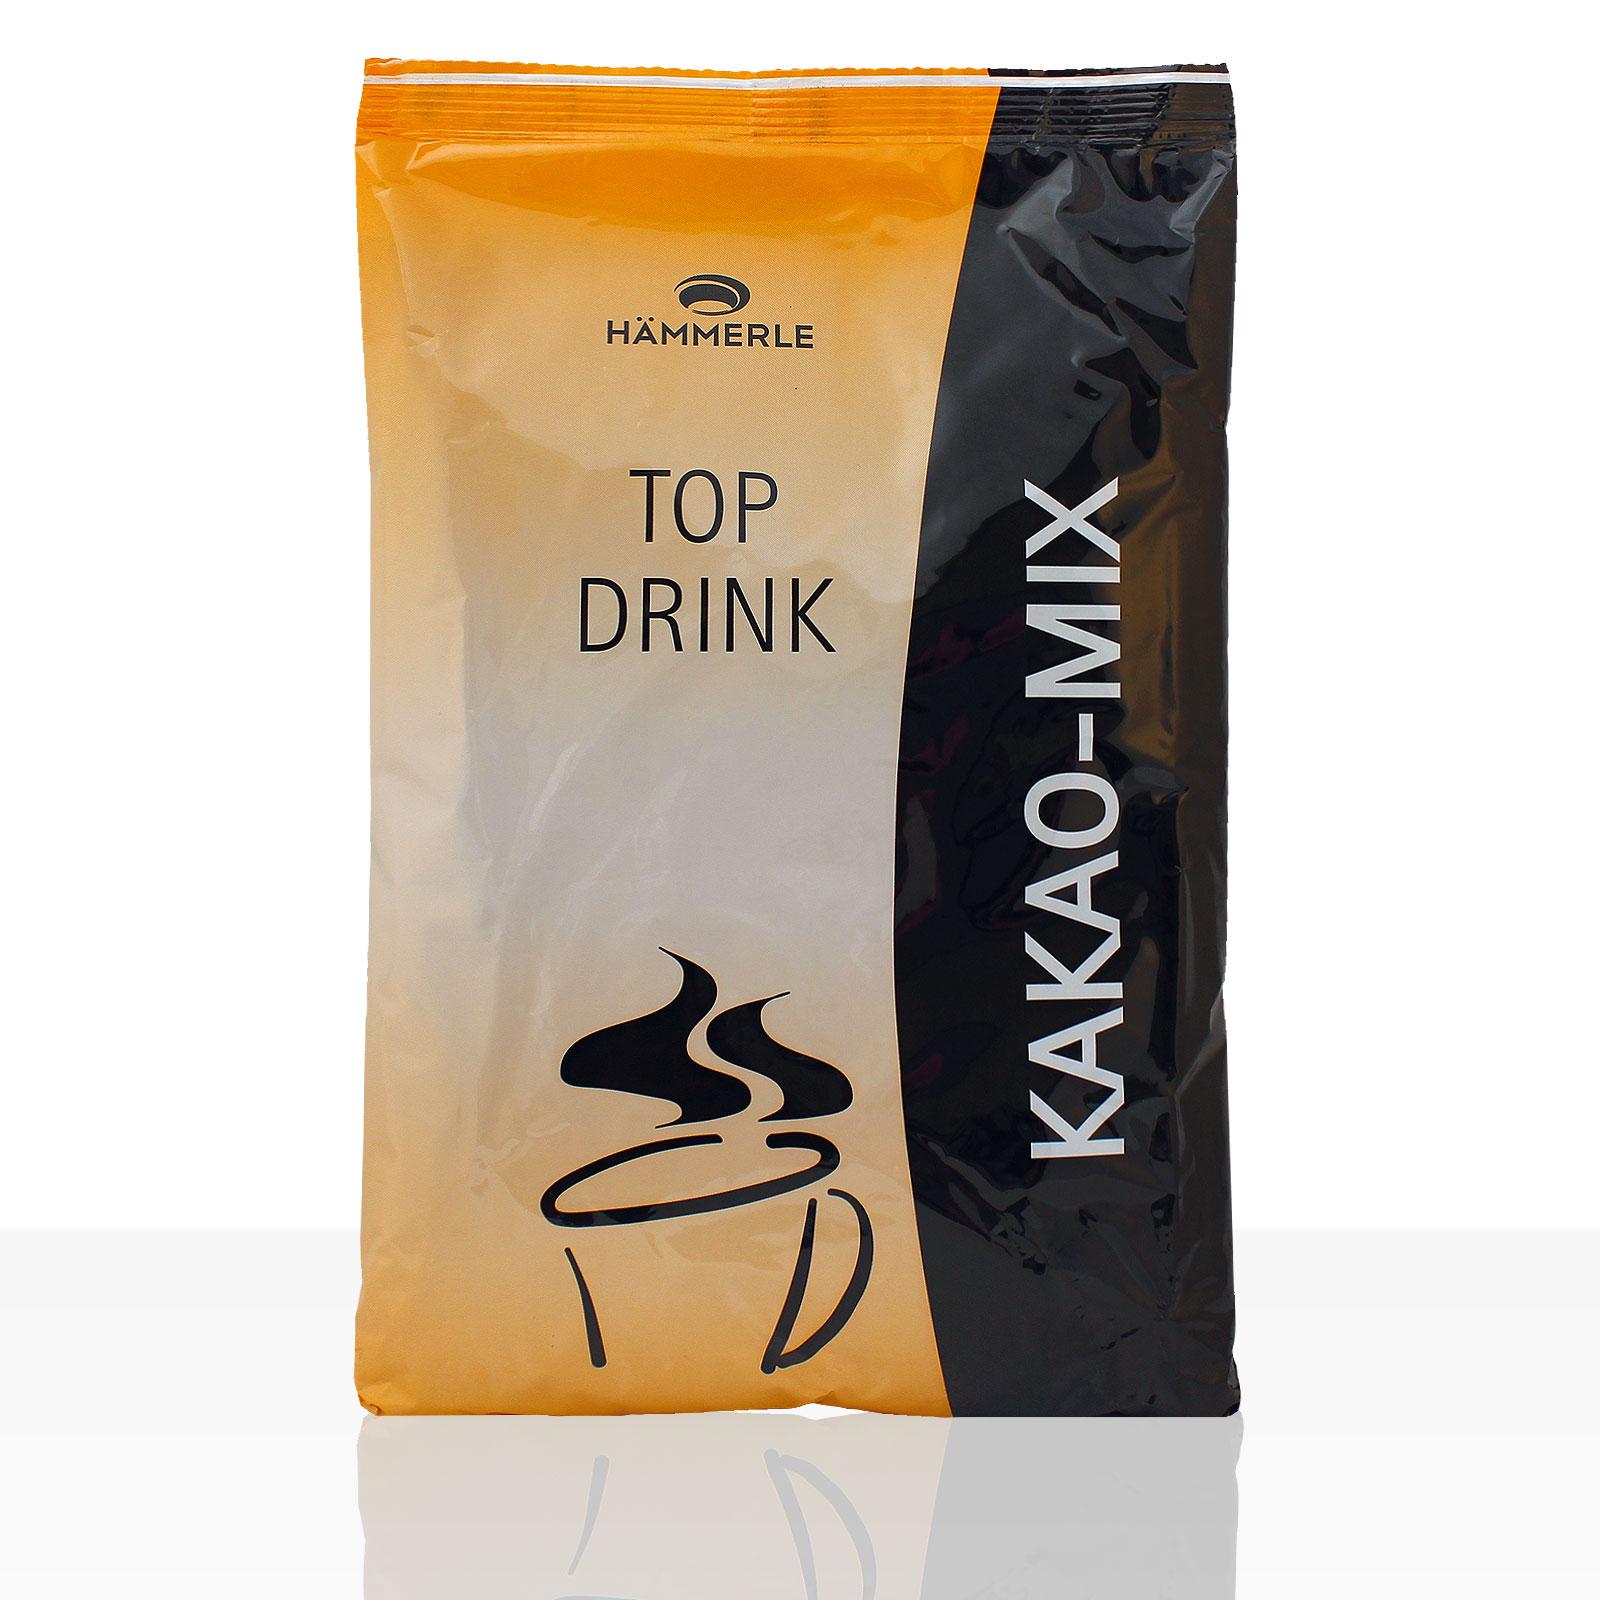 Hämmerle Kakao-Mix 10 x 1kg, Top Drink Instantkakao